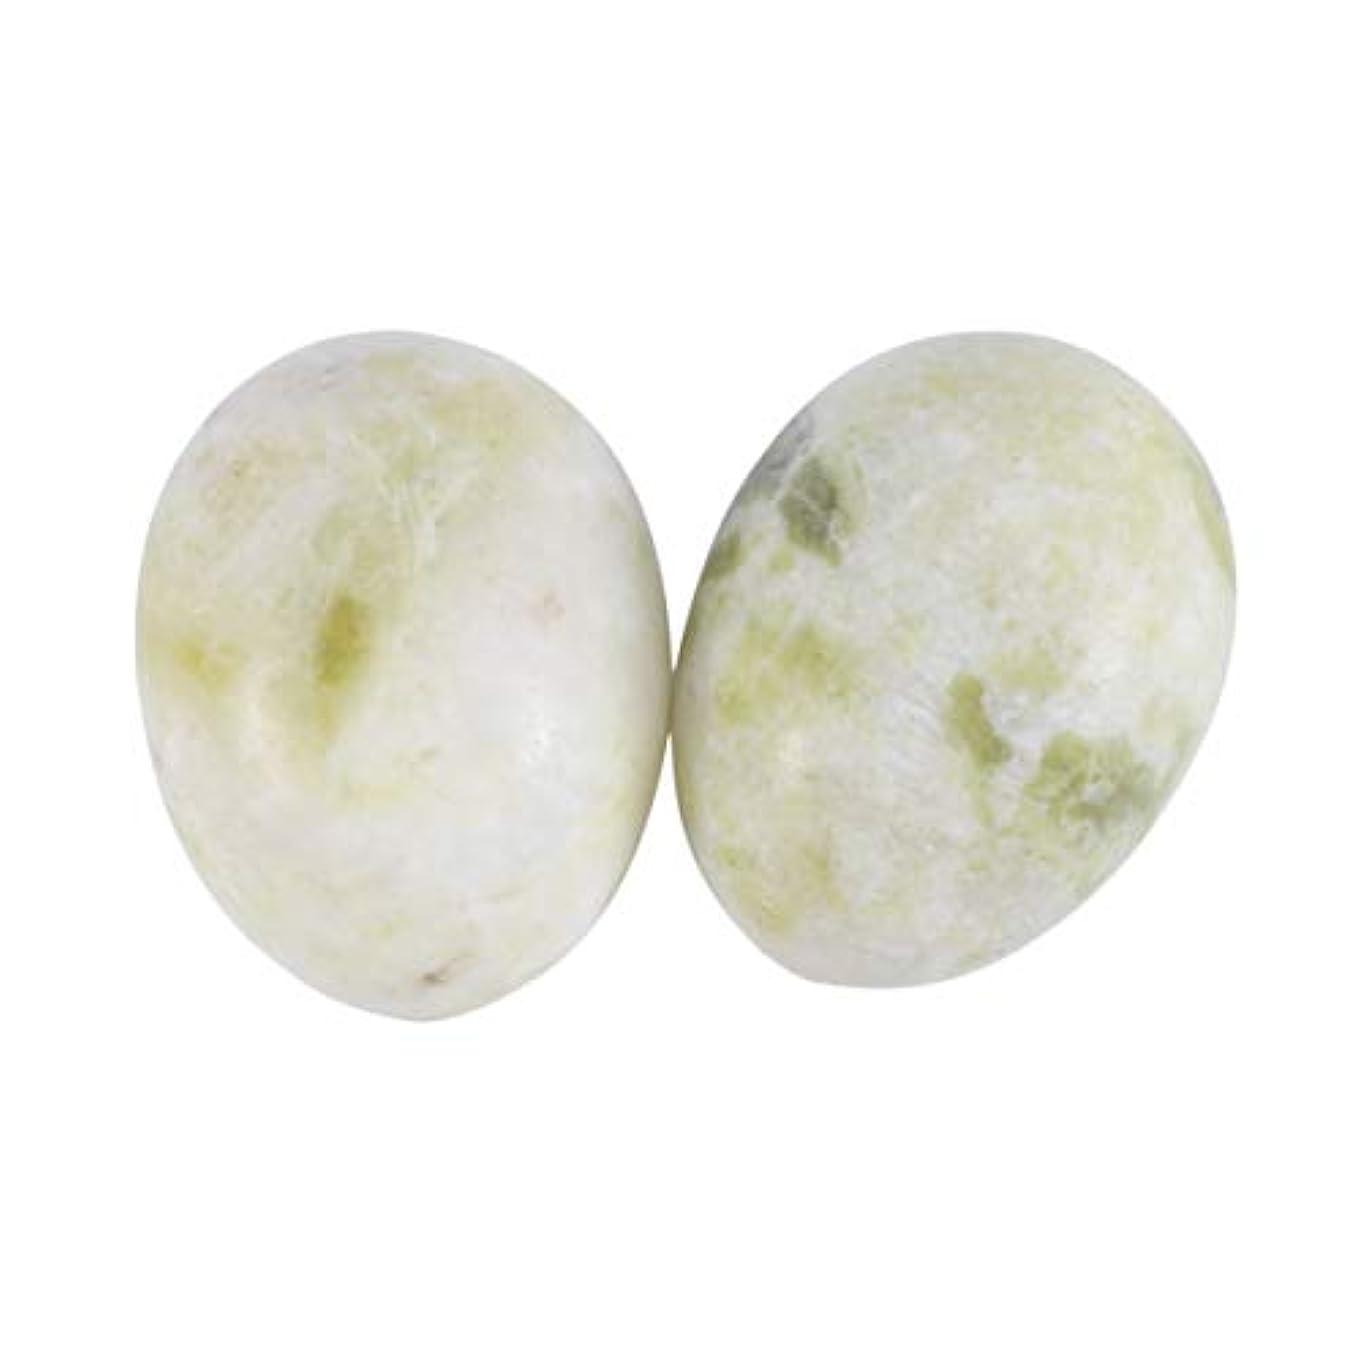 膜穏やかな著名なHealifty 6PCS翡翠Yoni卵マッサージ癒しの石ケル運動骨盤底筋運動(ランティアジェイド)